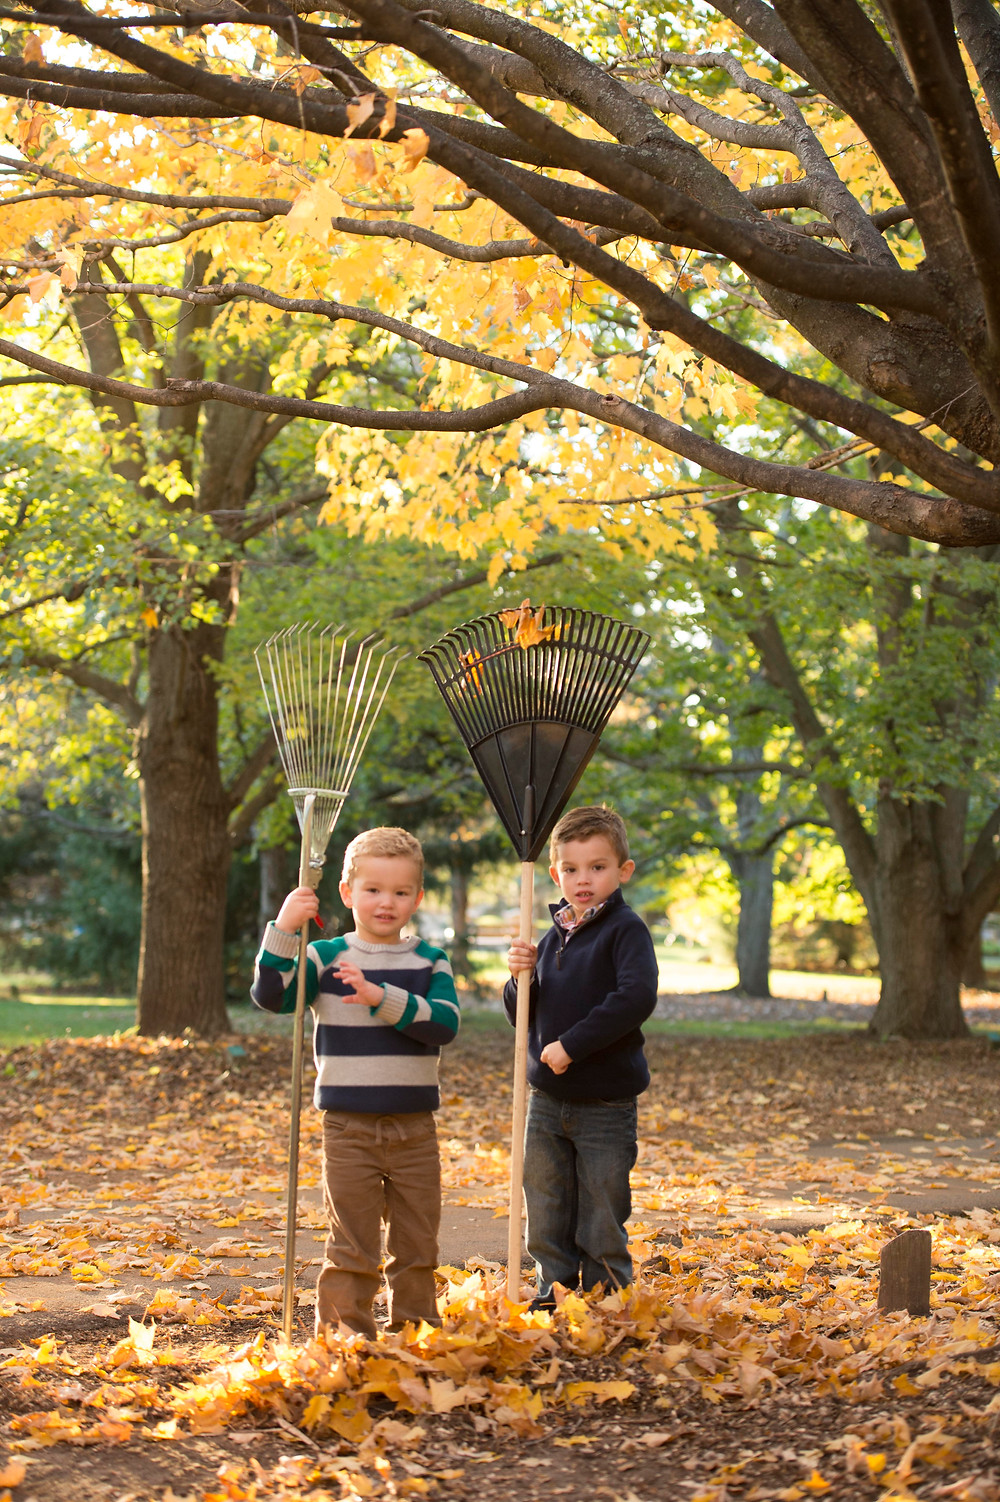 Lots of leaves to rake!